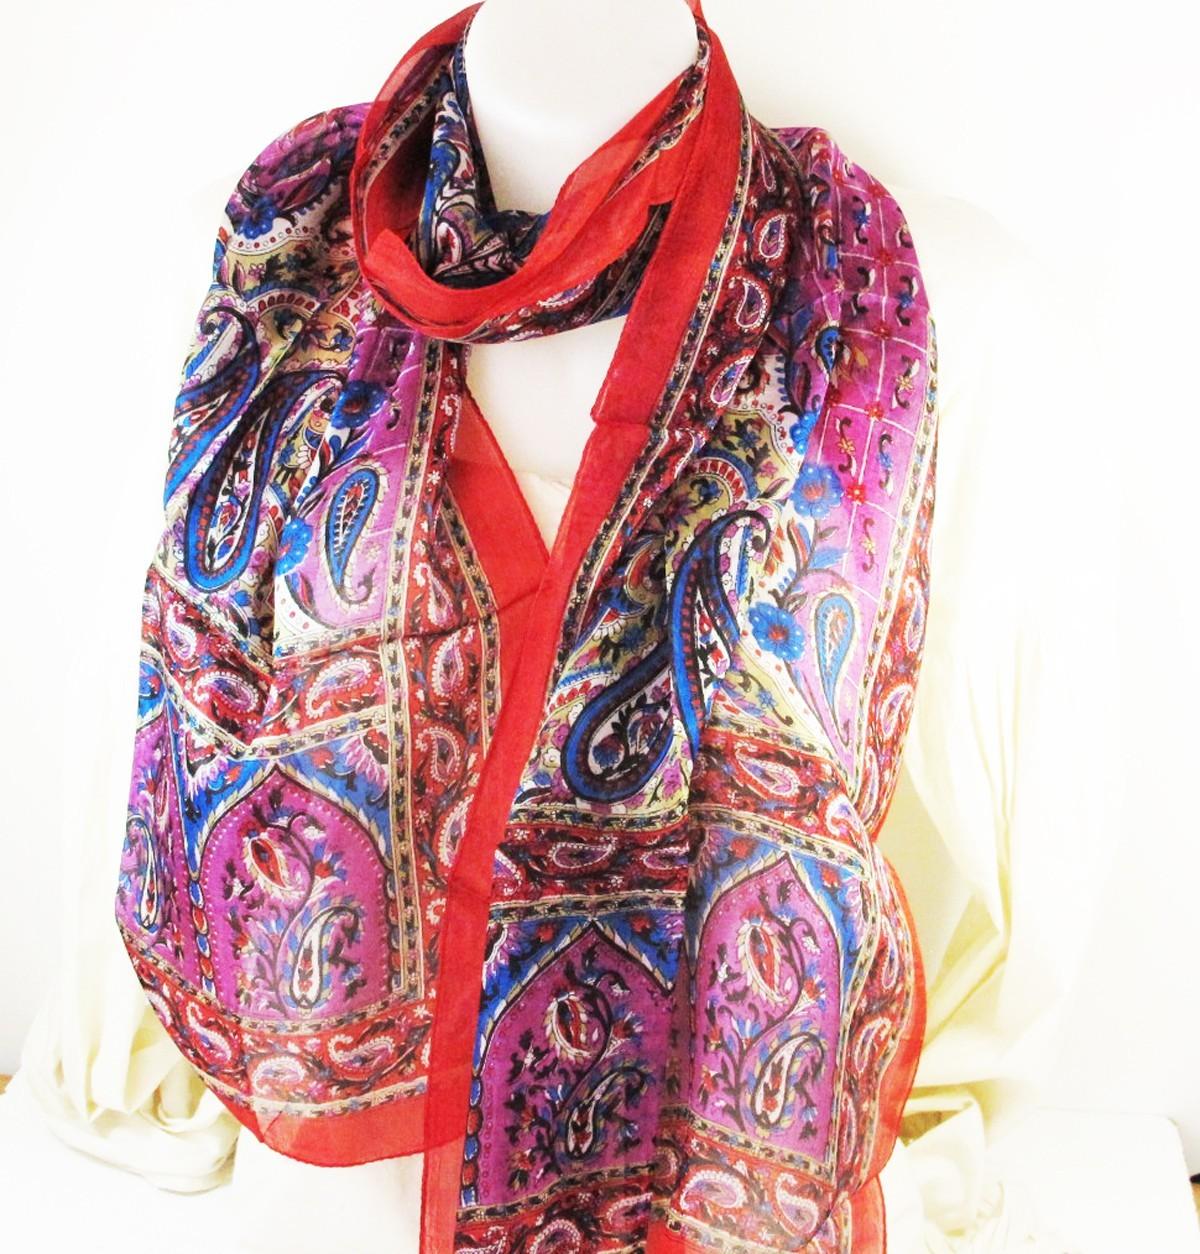 foulard en soie rouge violet vente de soie et foulards d 39 inde. Black Bedroom Furniture Sets. Home Design Ideas